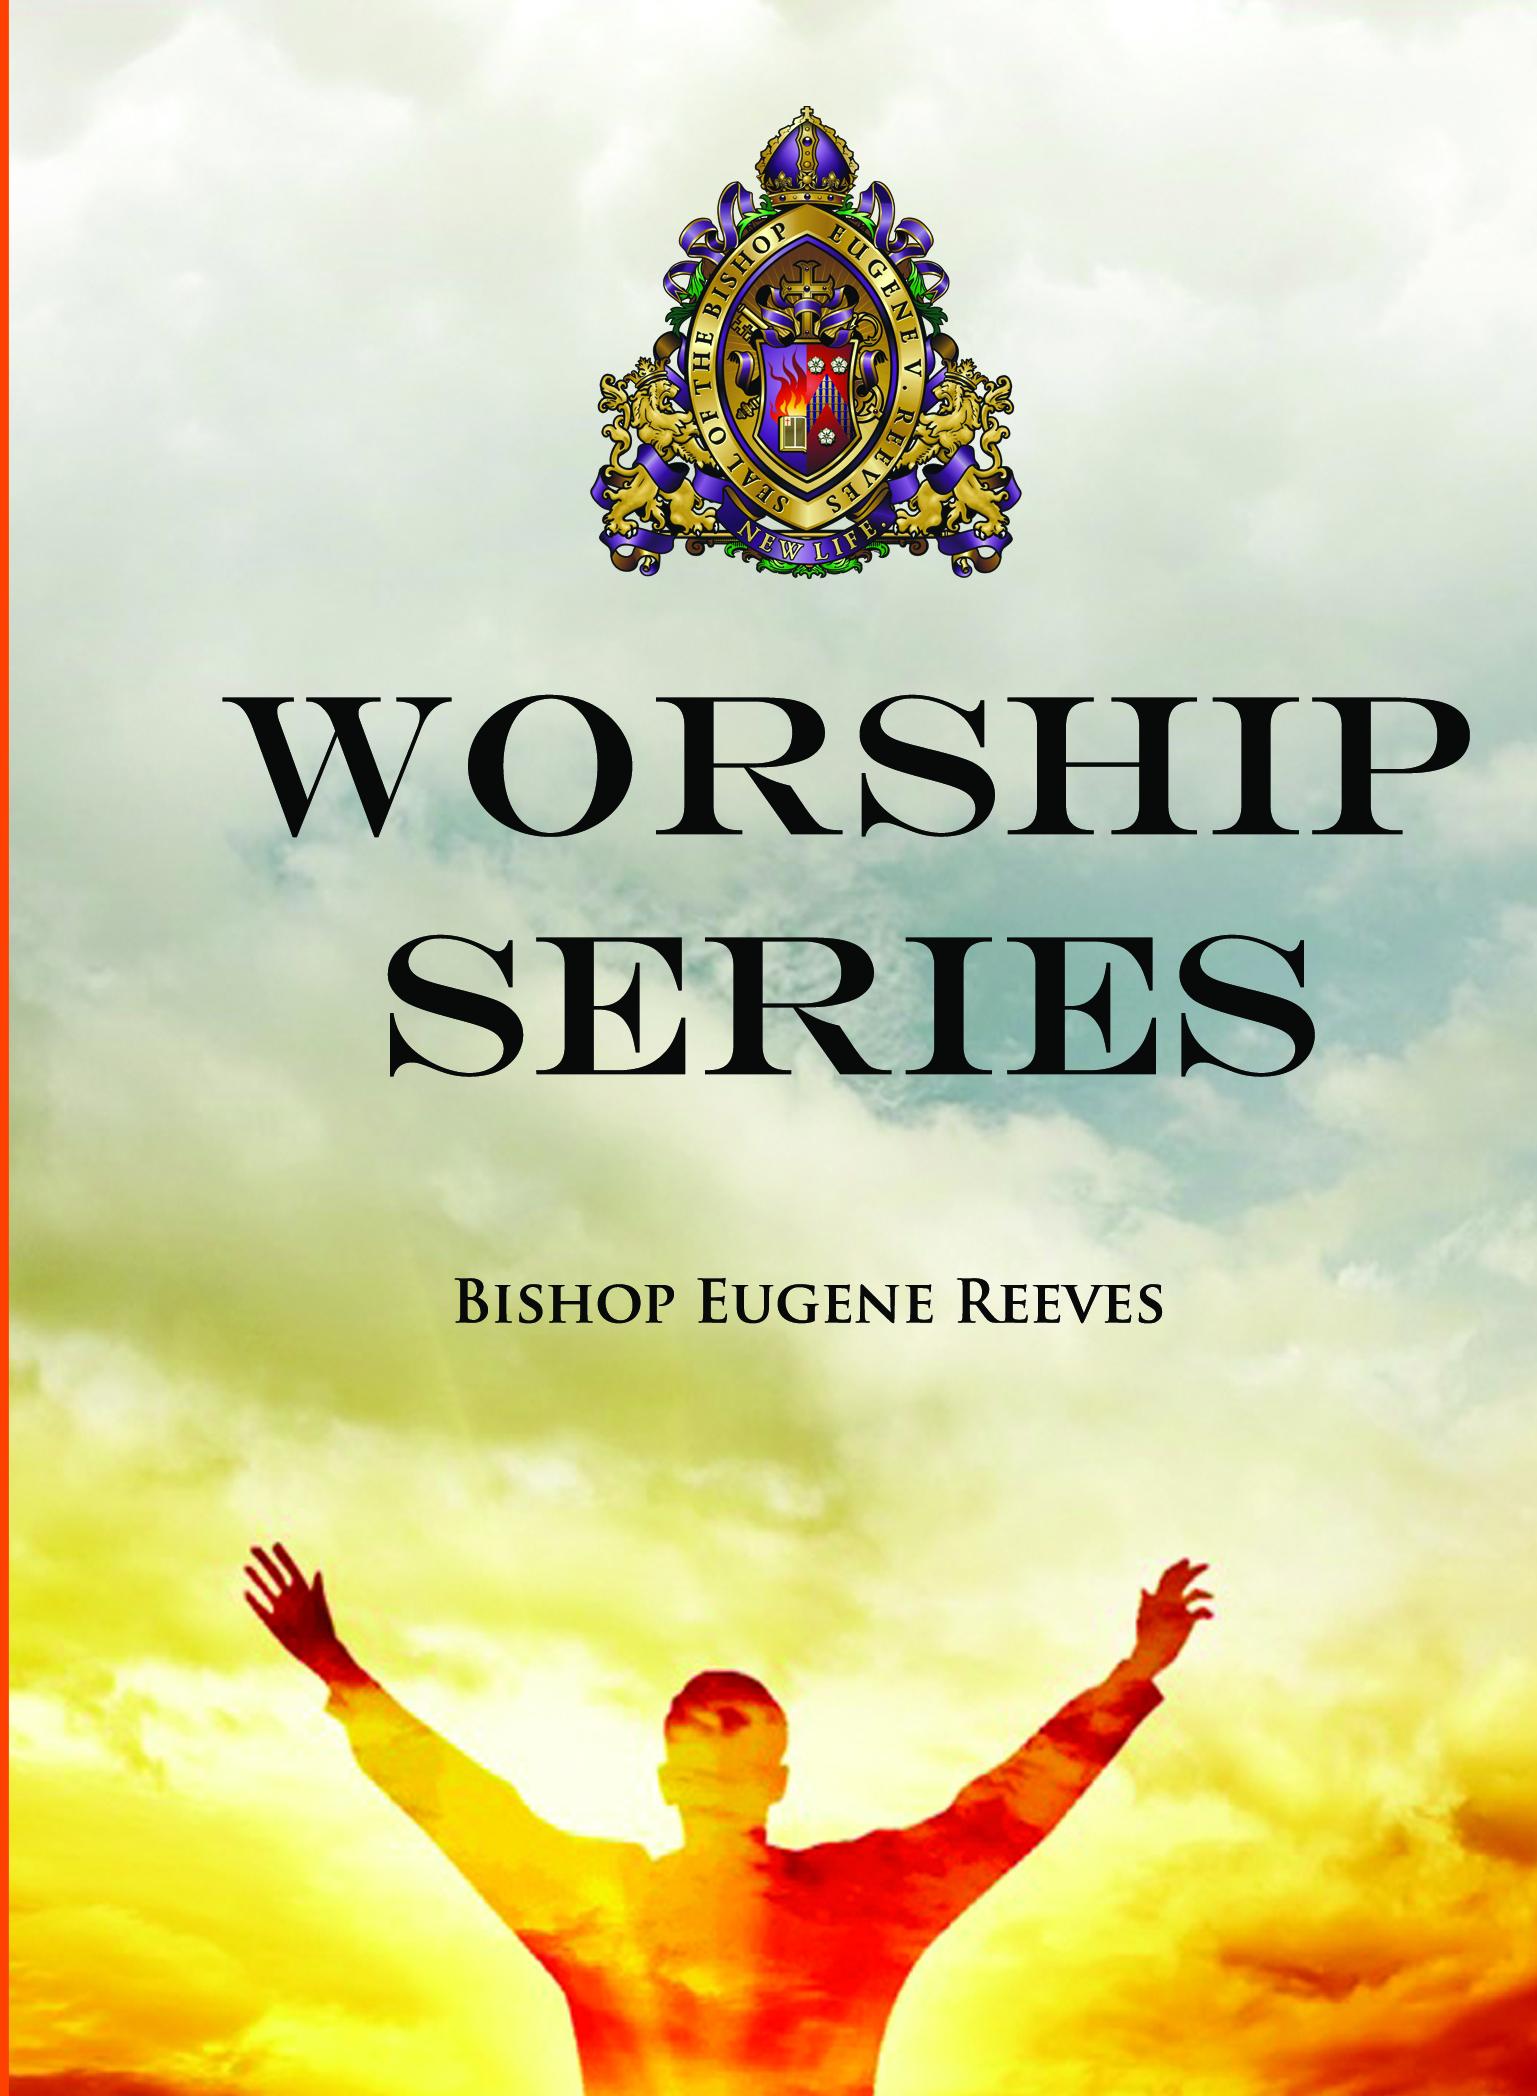 WorshipSeries